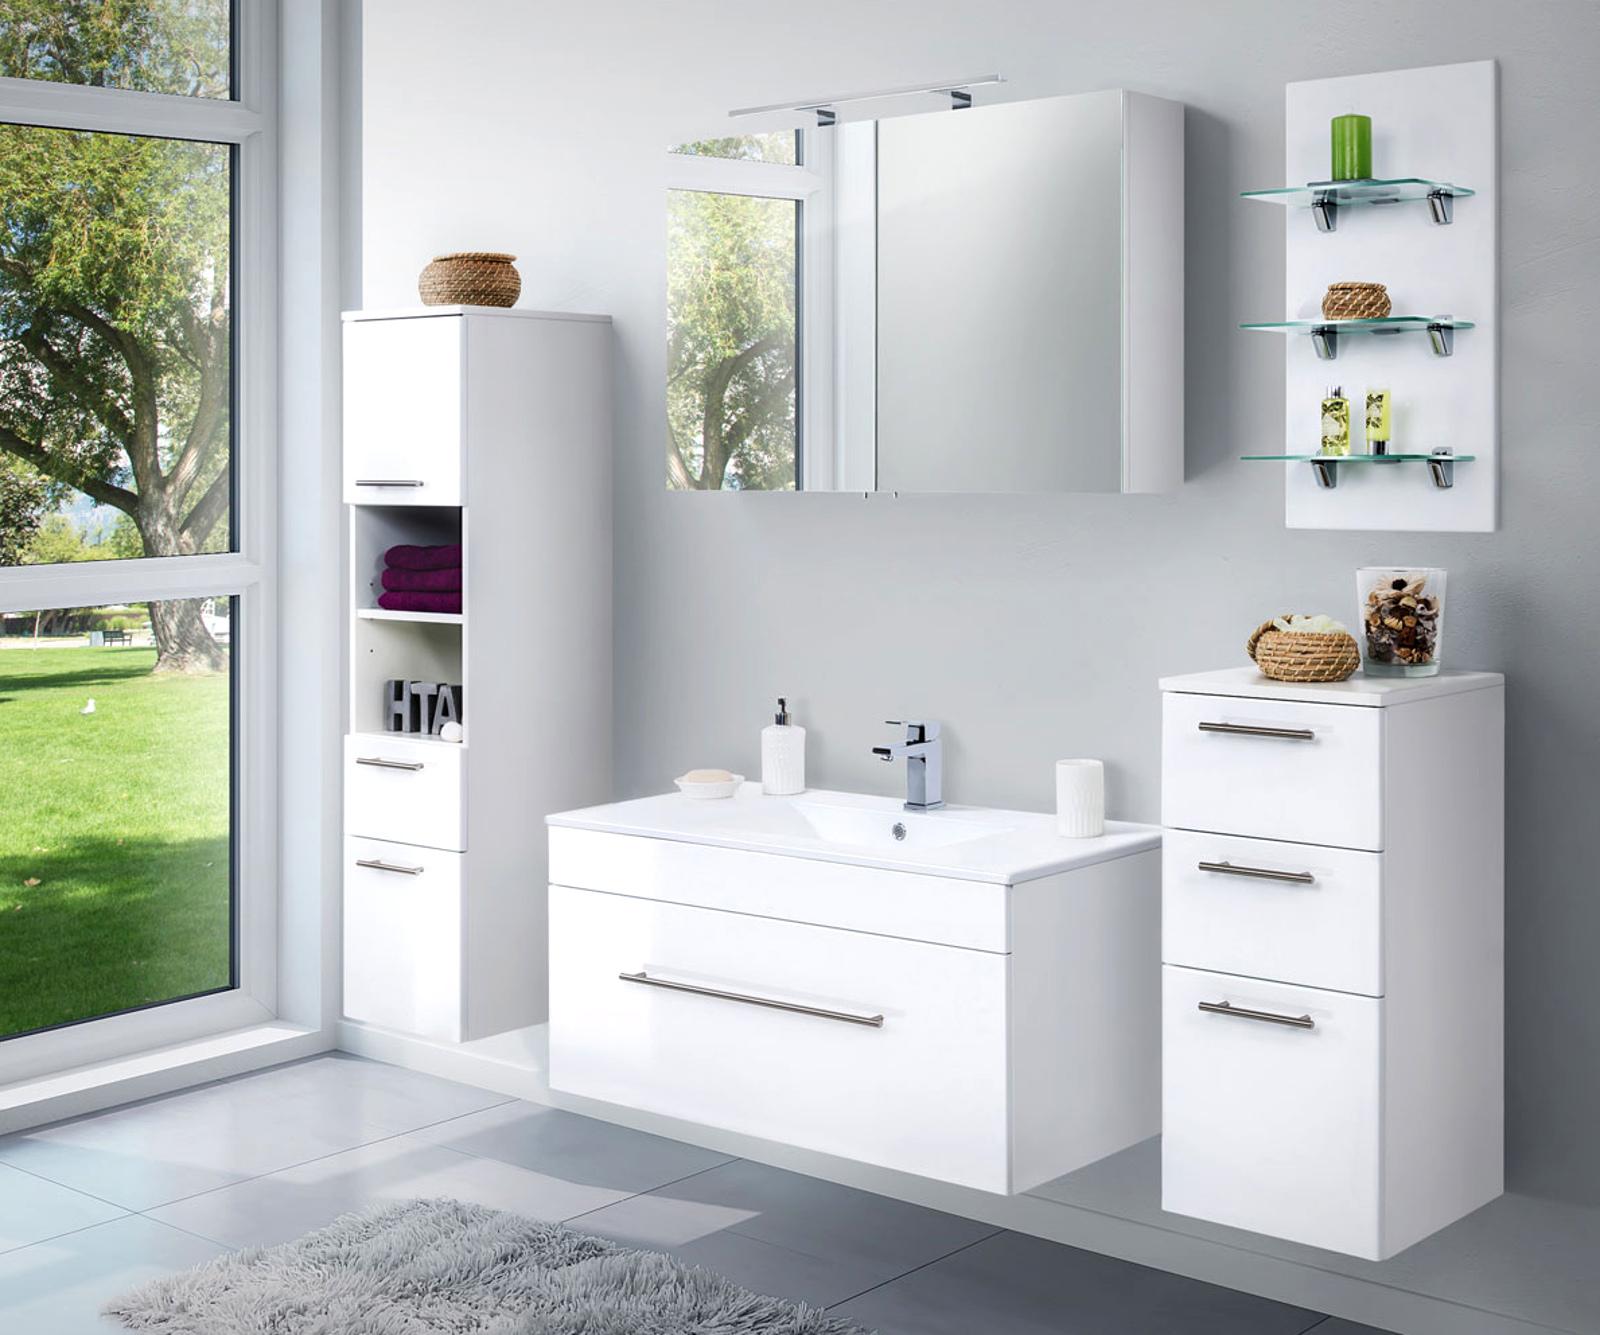 Badkombination Viva in Hochglanz weiß Badmöbel inkl. Waschbecken und LED  Beleuchtung Set 16-tlg. 16 cm